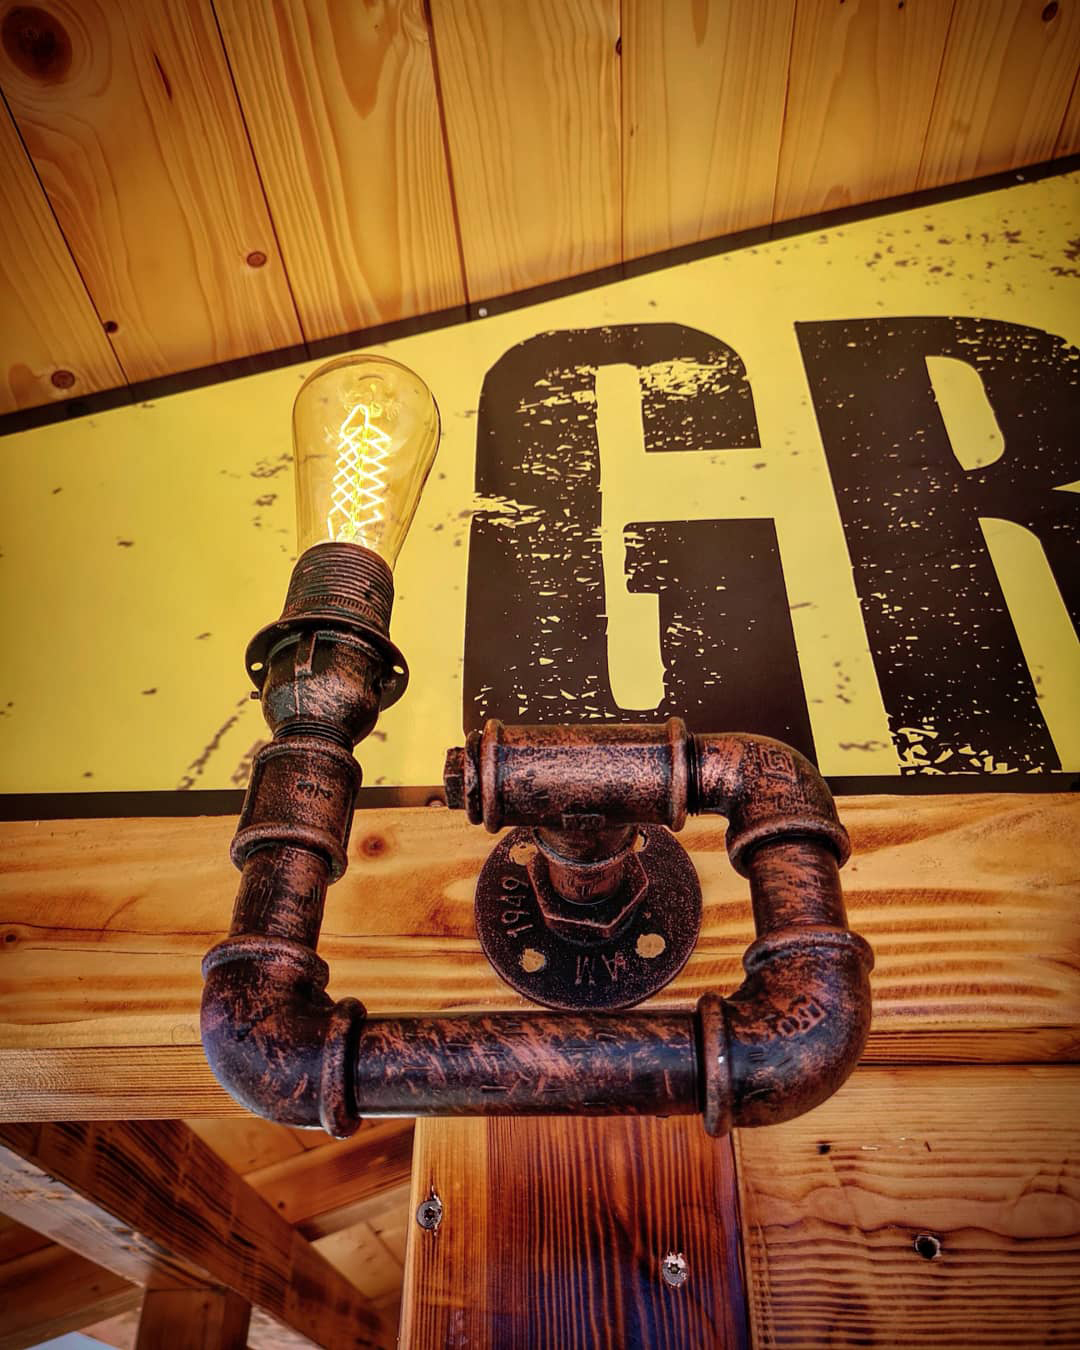 mad-lamps-steampunk-svjetiljke-domnakvadrat-vodoinstalacijske-cijevi